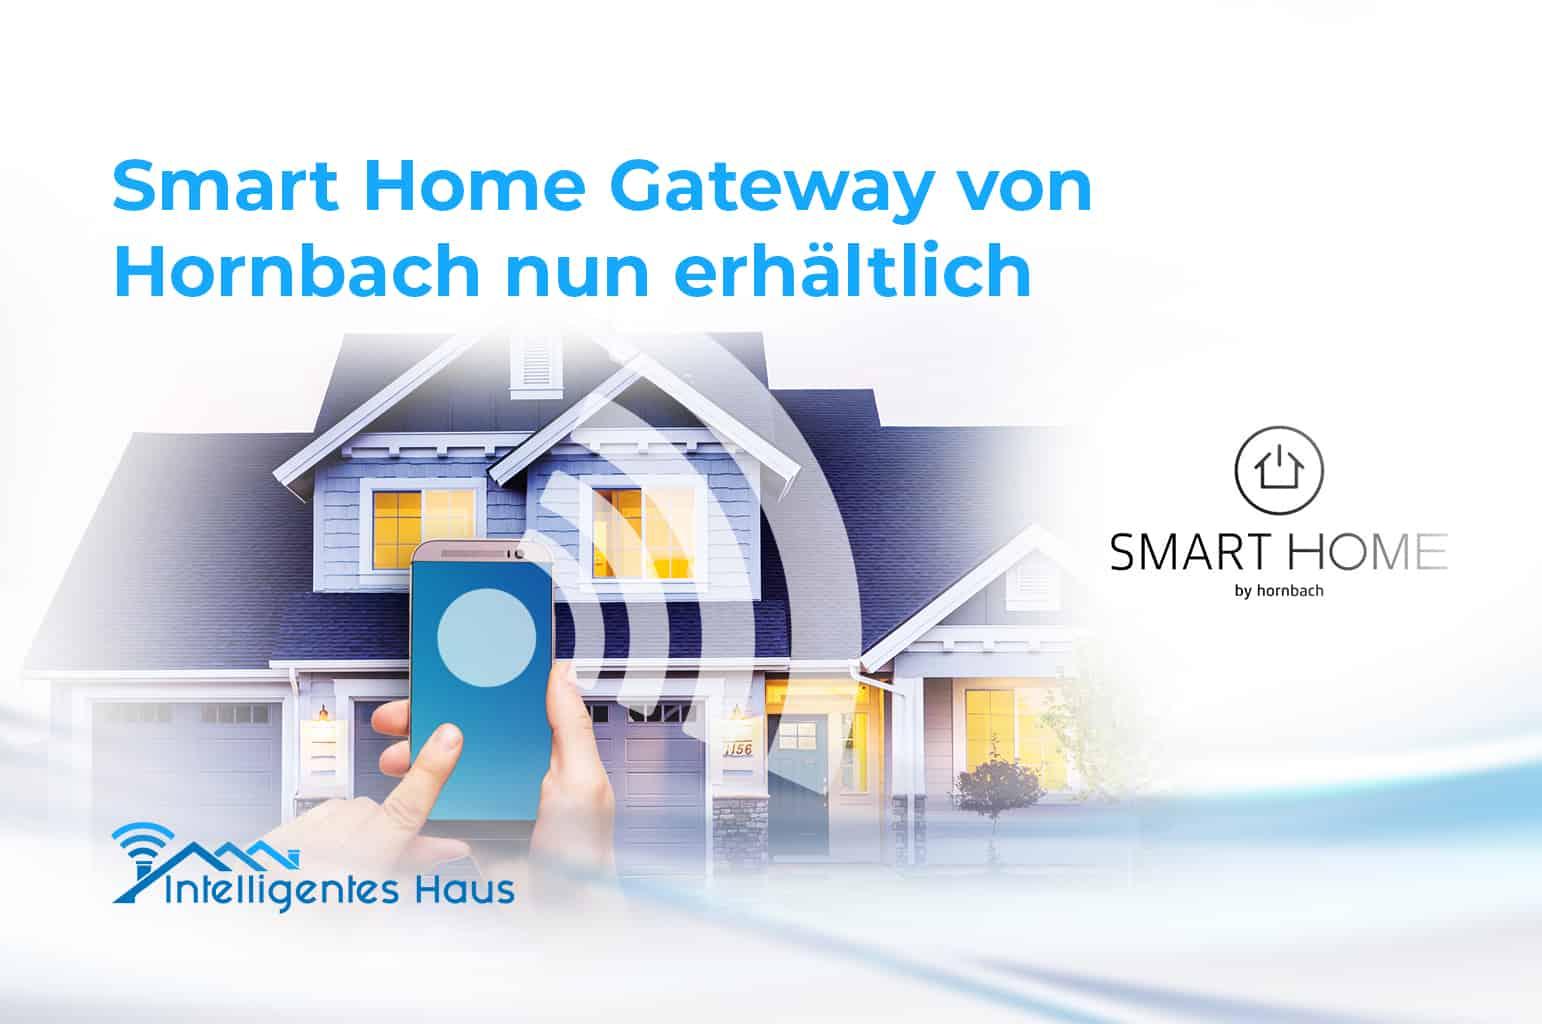 neues smart home gateway von hornbach jetzt erh ltlich. Black Bedroom Furniture Sets. Home Design Ideas